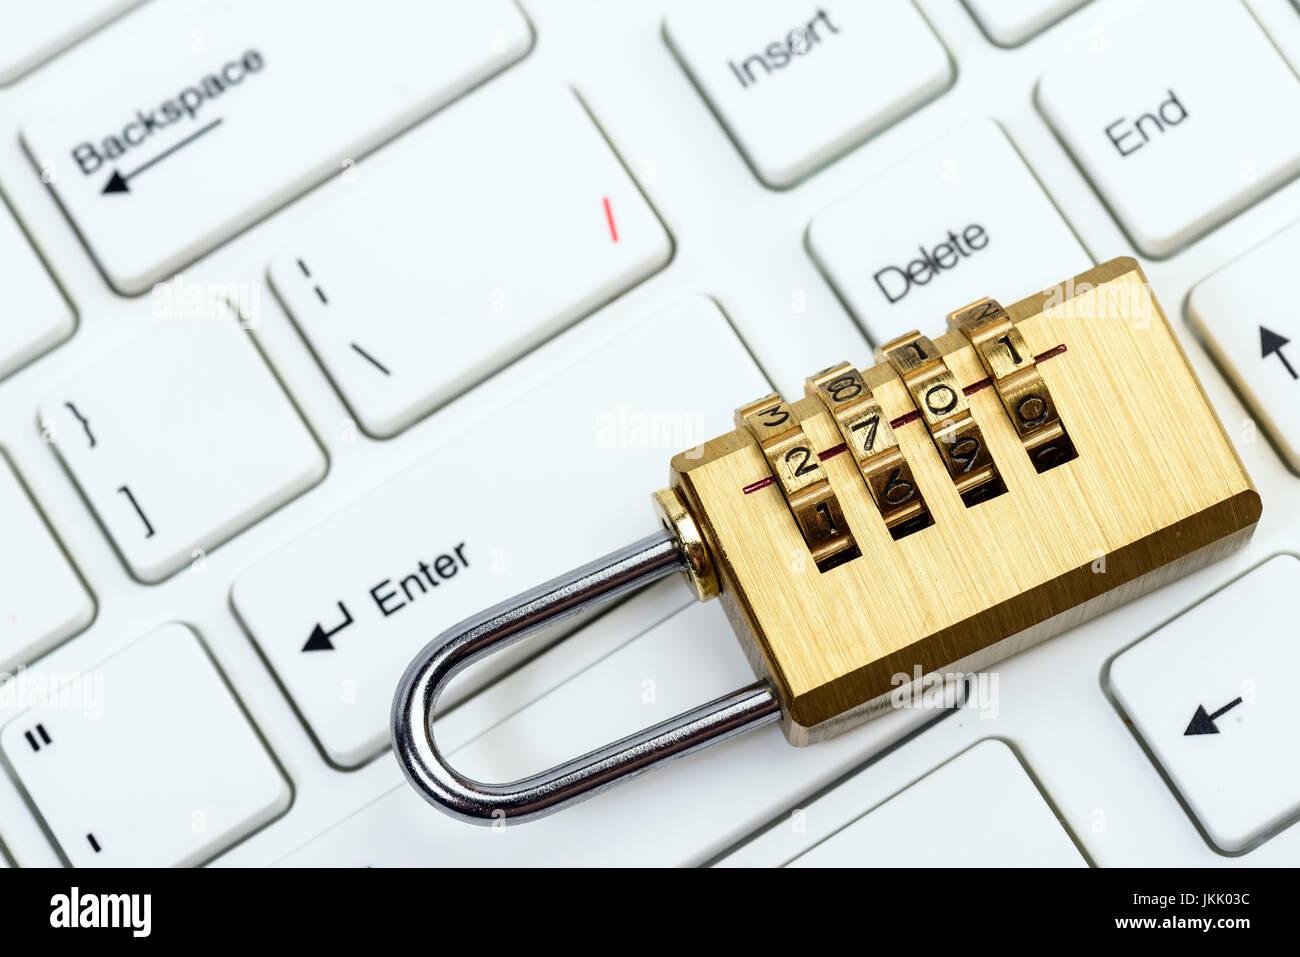 Equipo y seguridad en línea con el teclado y el candado Imagen De Stock